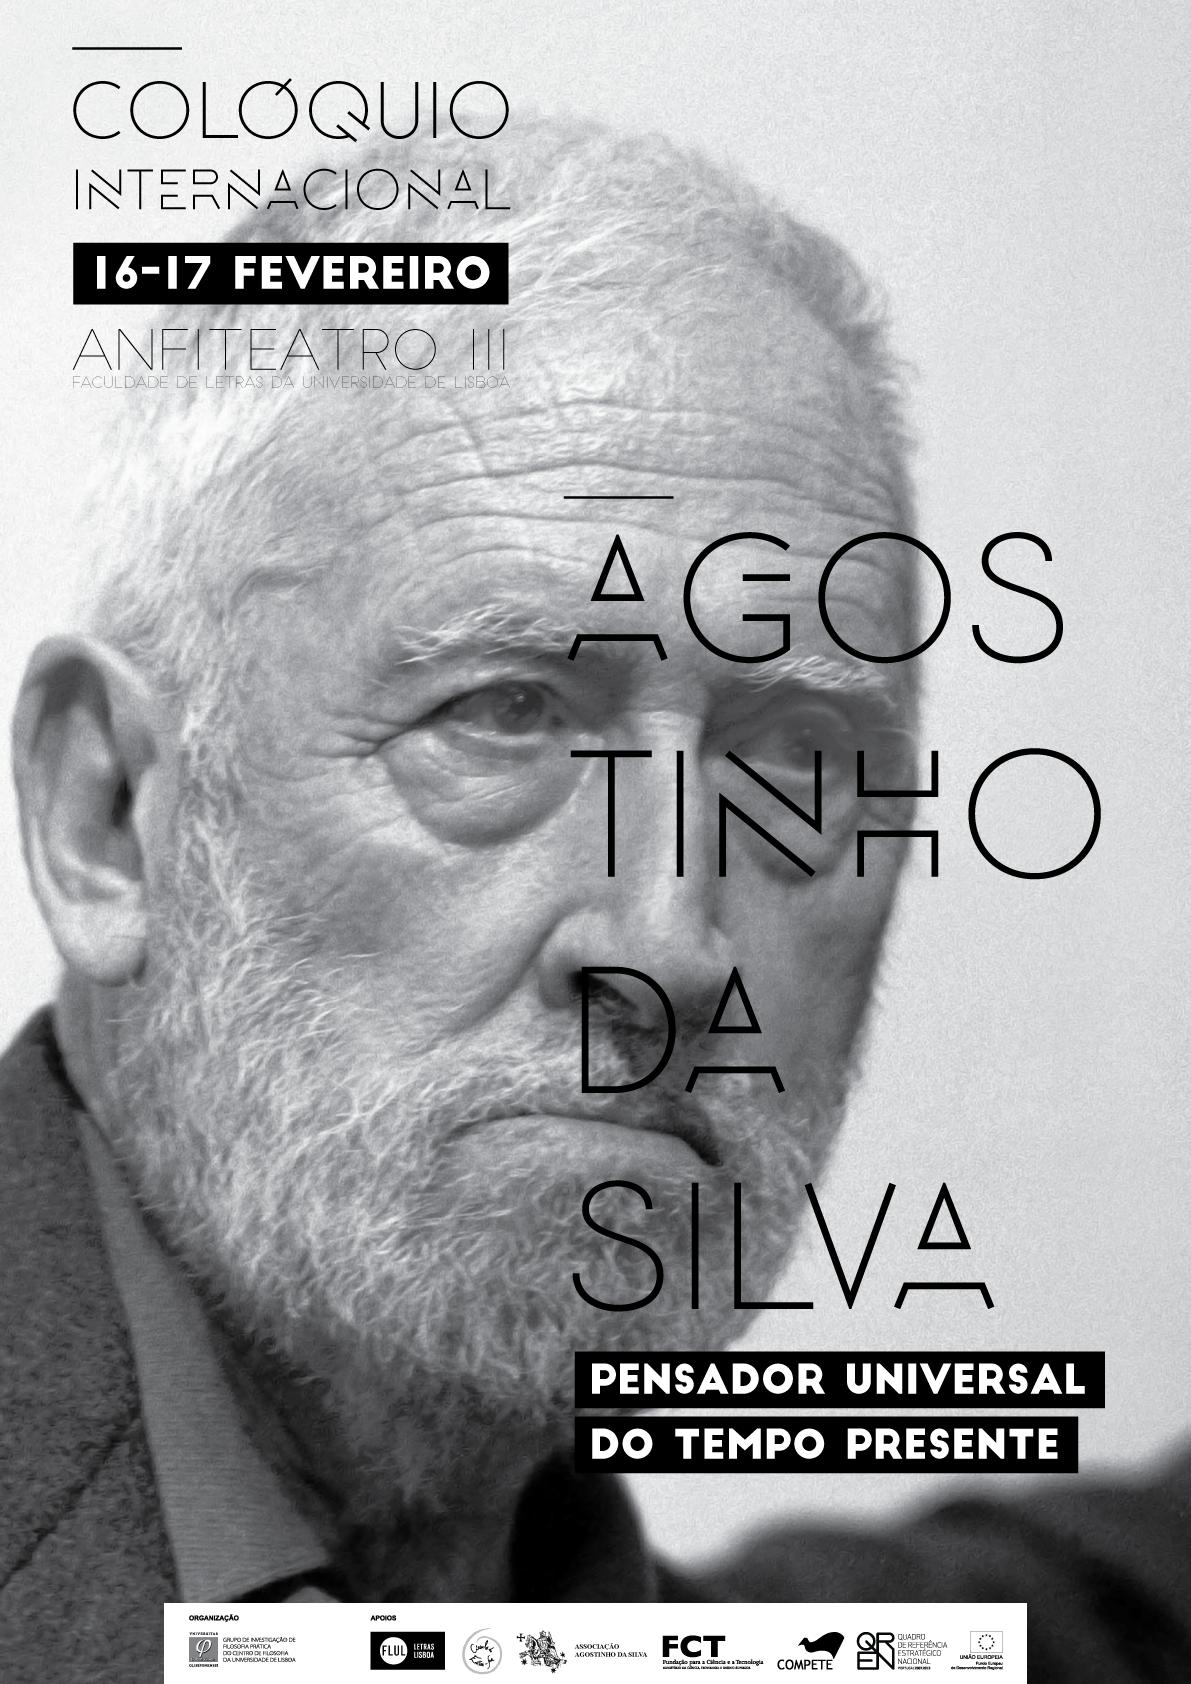 Coloquio Internacional Agostinho da Silva - Cartaz